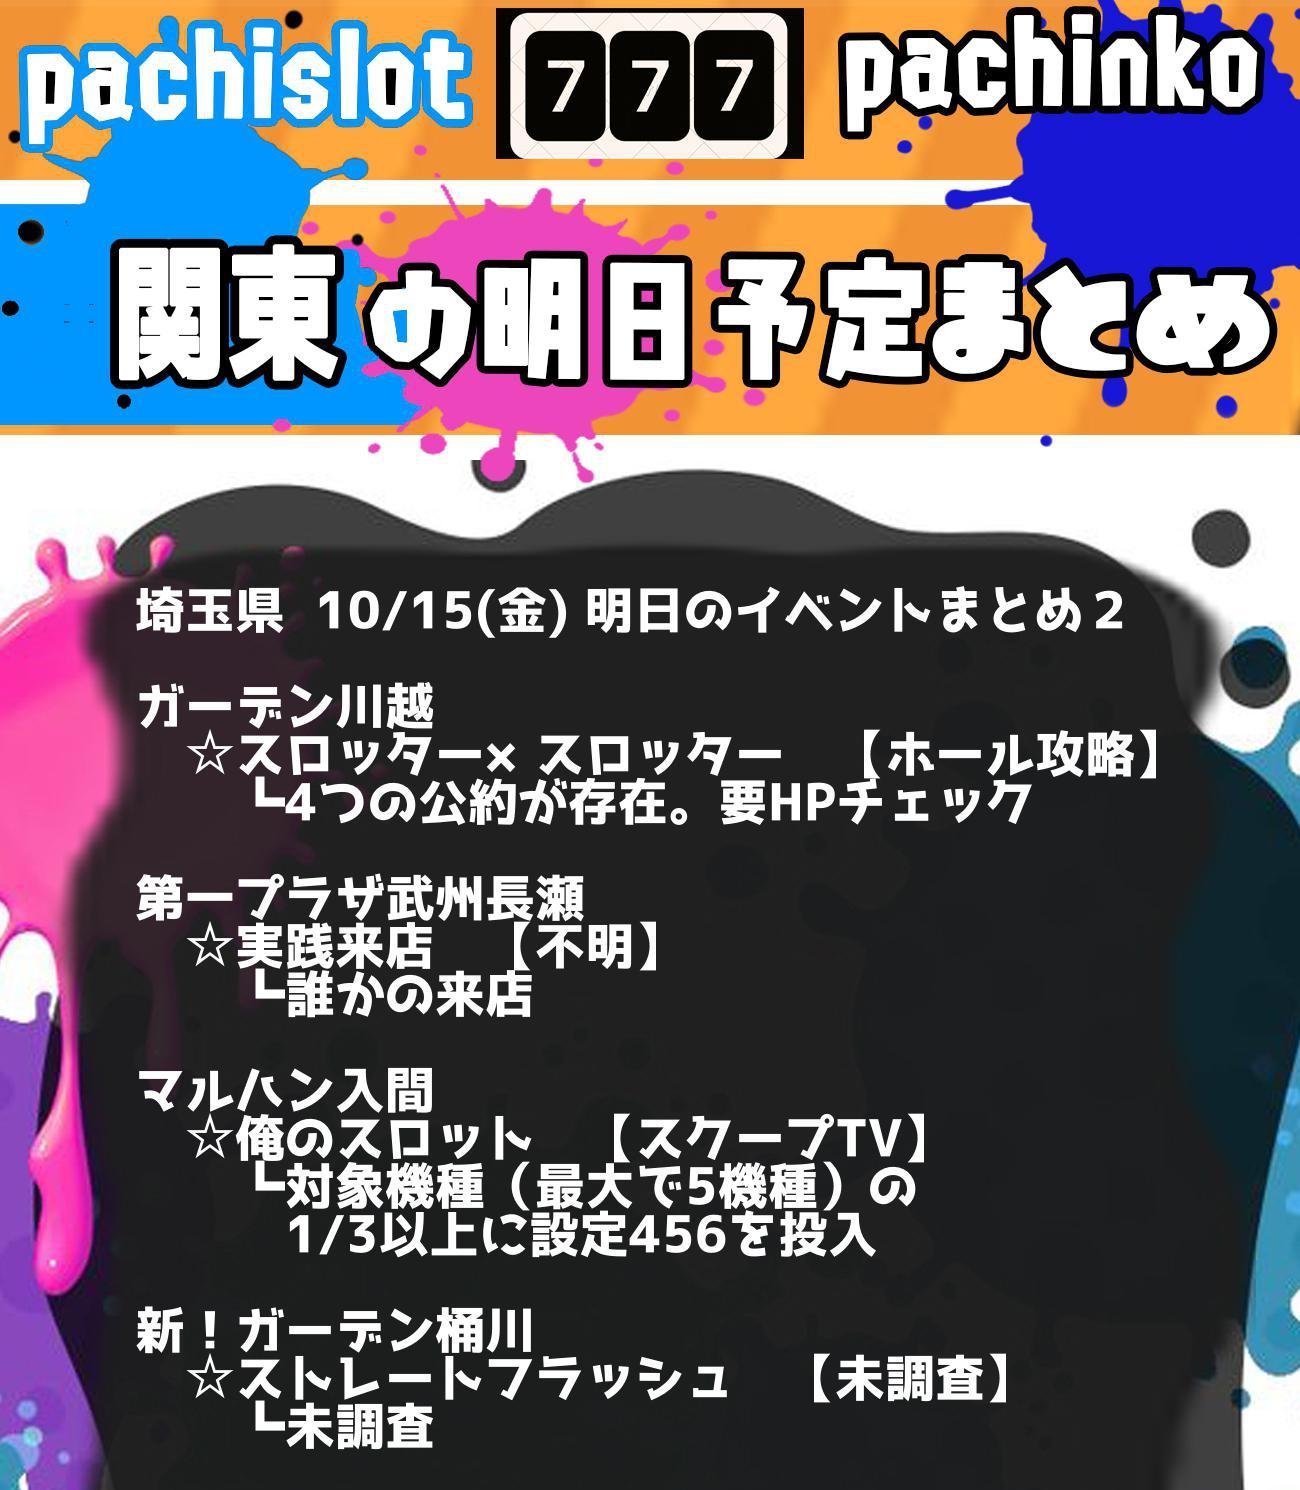 埼玉県_2021-10-15_パチンコ・パチスロ_イベント